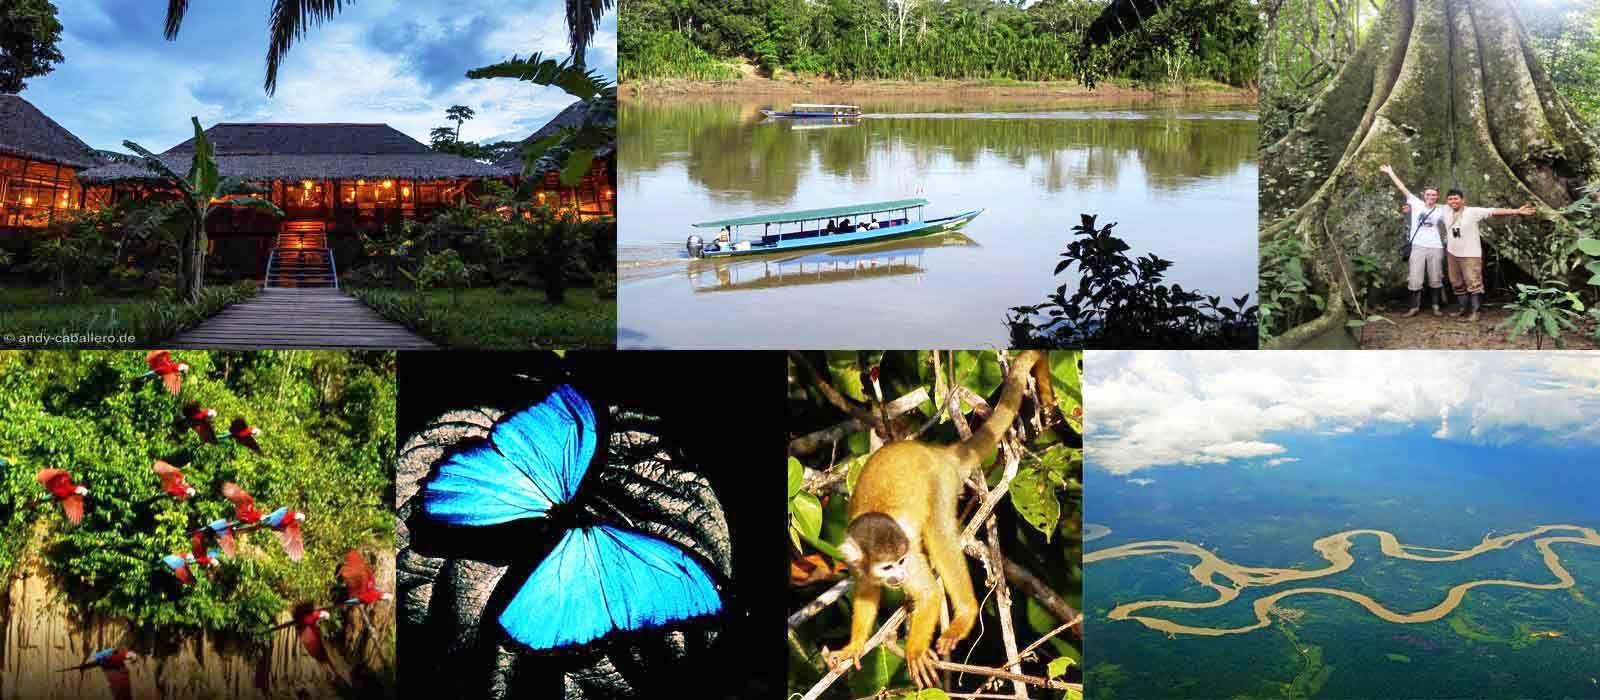 Resultado de imagen para collage turismo Madre de Dios | PGAUSIL ...